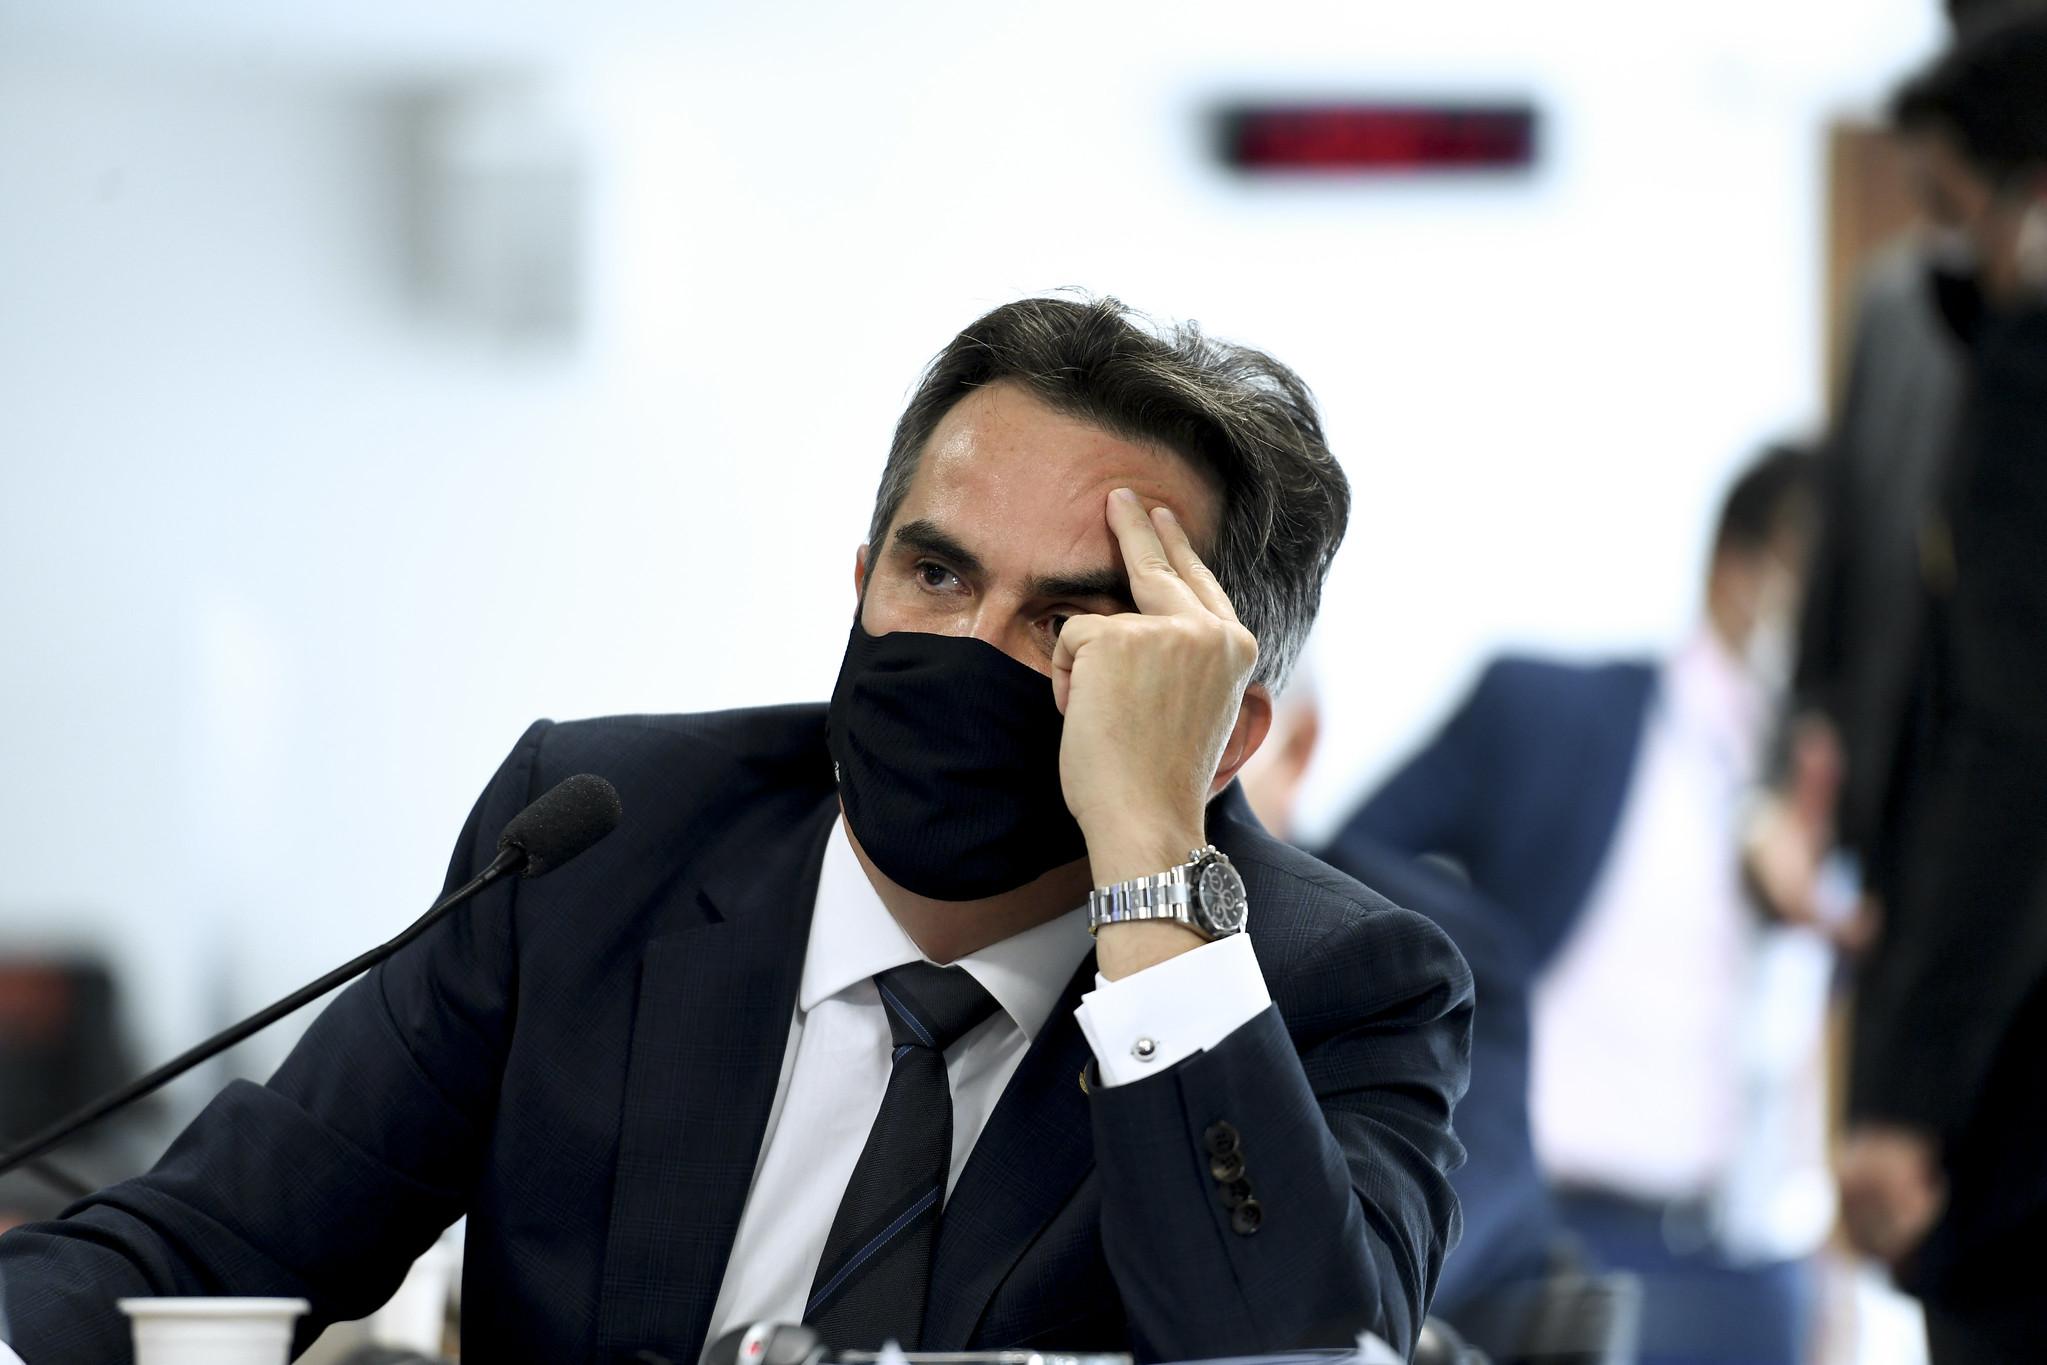 IMAGEM: Documentos levantados por 'devassa' de governistas congestionam CPI da Covid